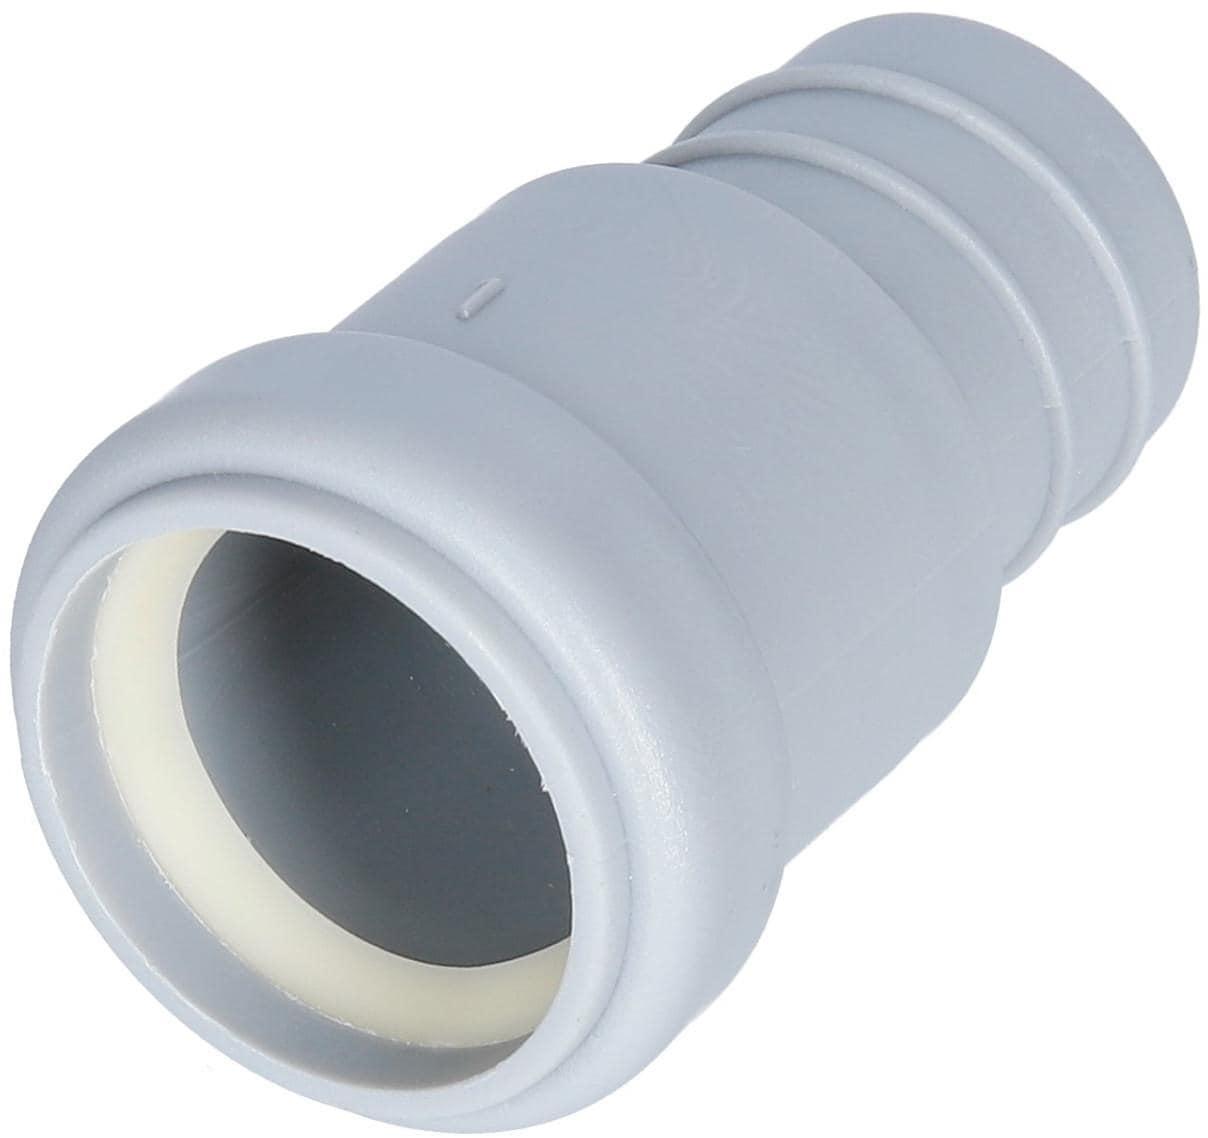 Abwasserrohr Ø 28mm T Stück